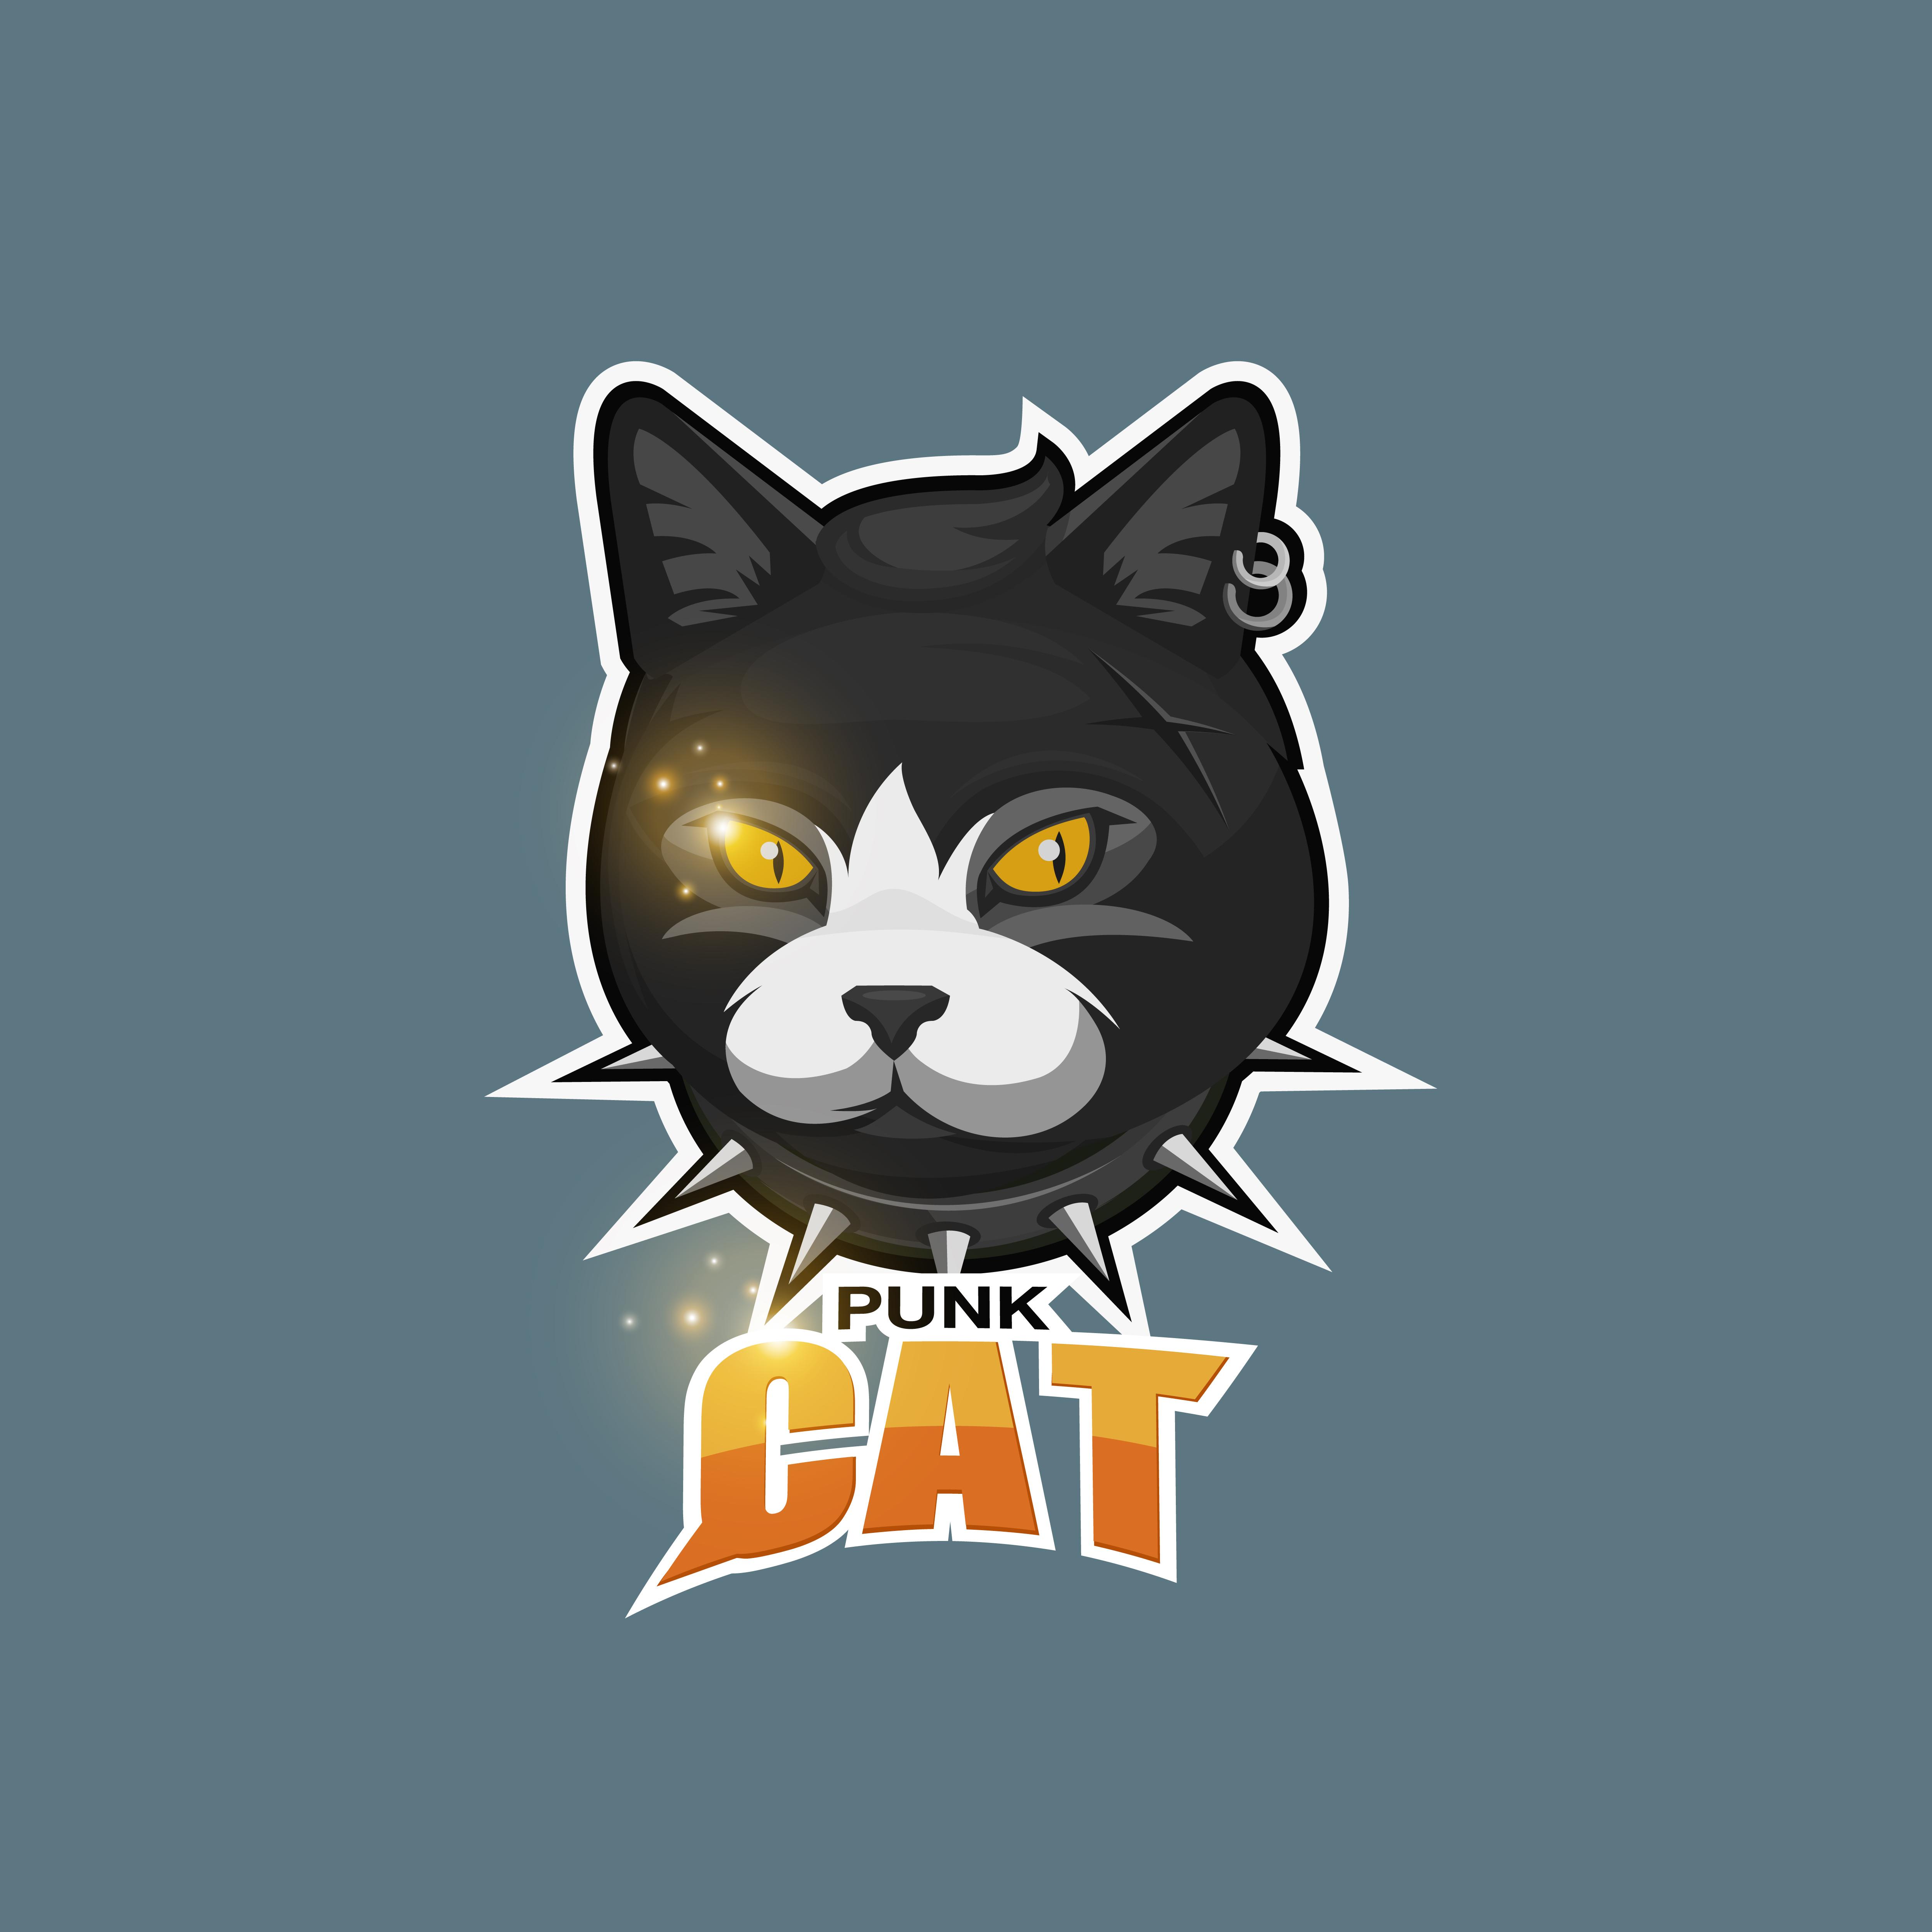 Punk Cat Logo Download Free Vectors Clipart Graphics Vector Art